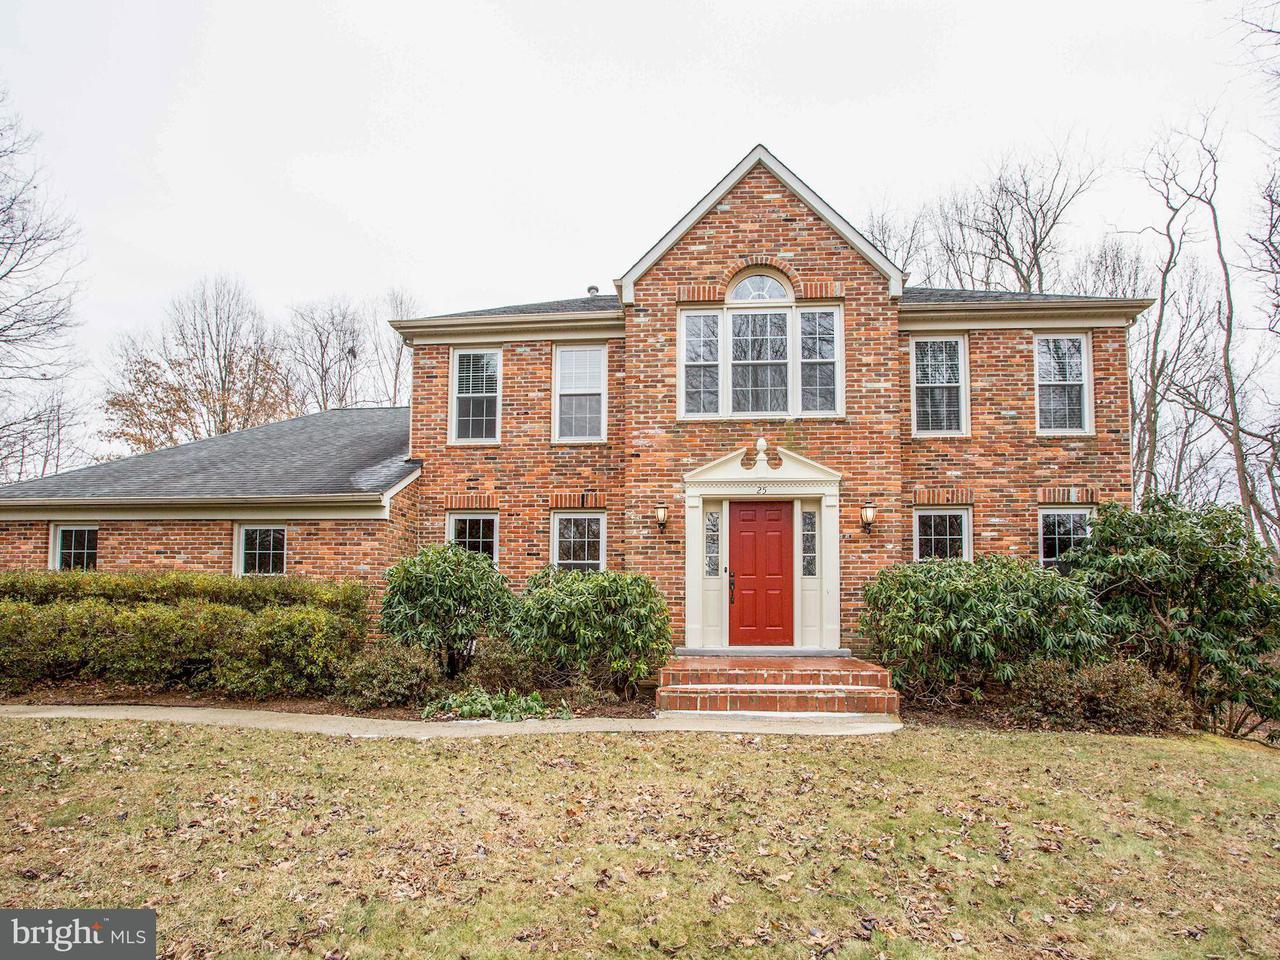 Casa Unifamiliar por un Venta en 25 CABIN CREEK Court 25 CABIN CREEK Court Burtonsville, Maryland 20866 Estados Unidos